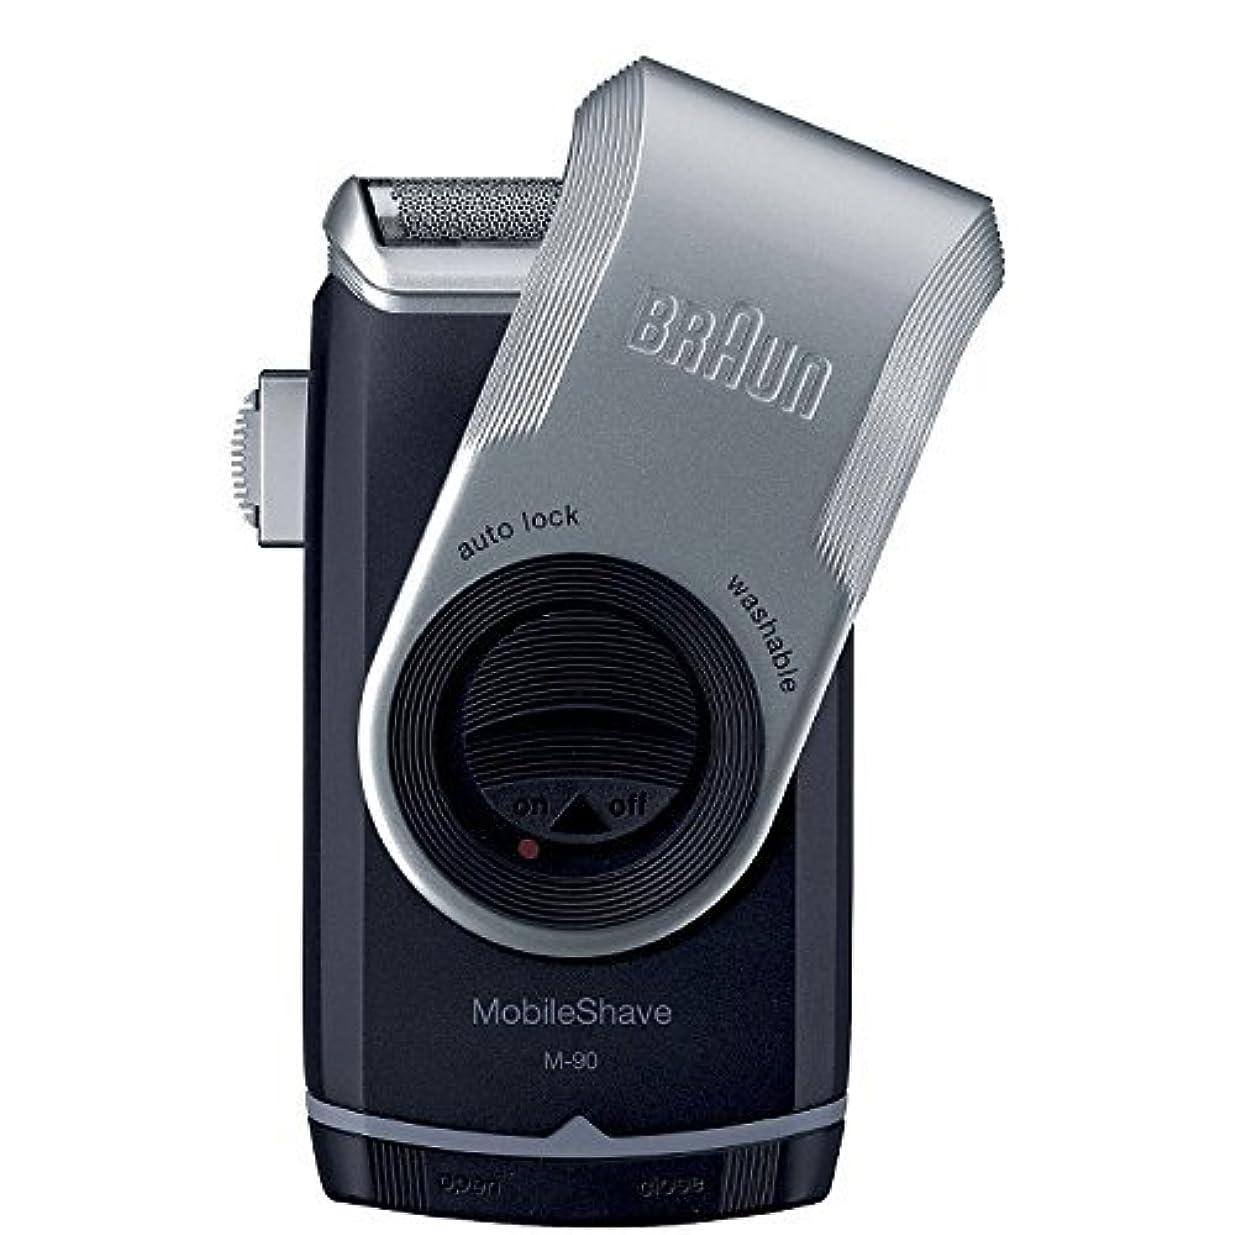 寸前用心深いピボットBraun M90 Pocketgo Mobileshave スマートホイルでポータブルシェーバー [並行輸入品]